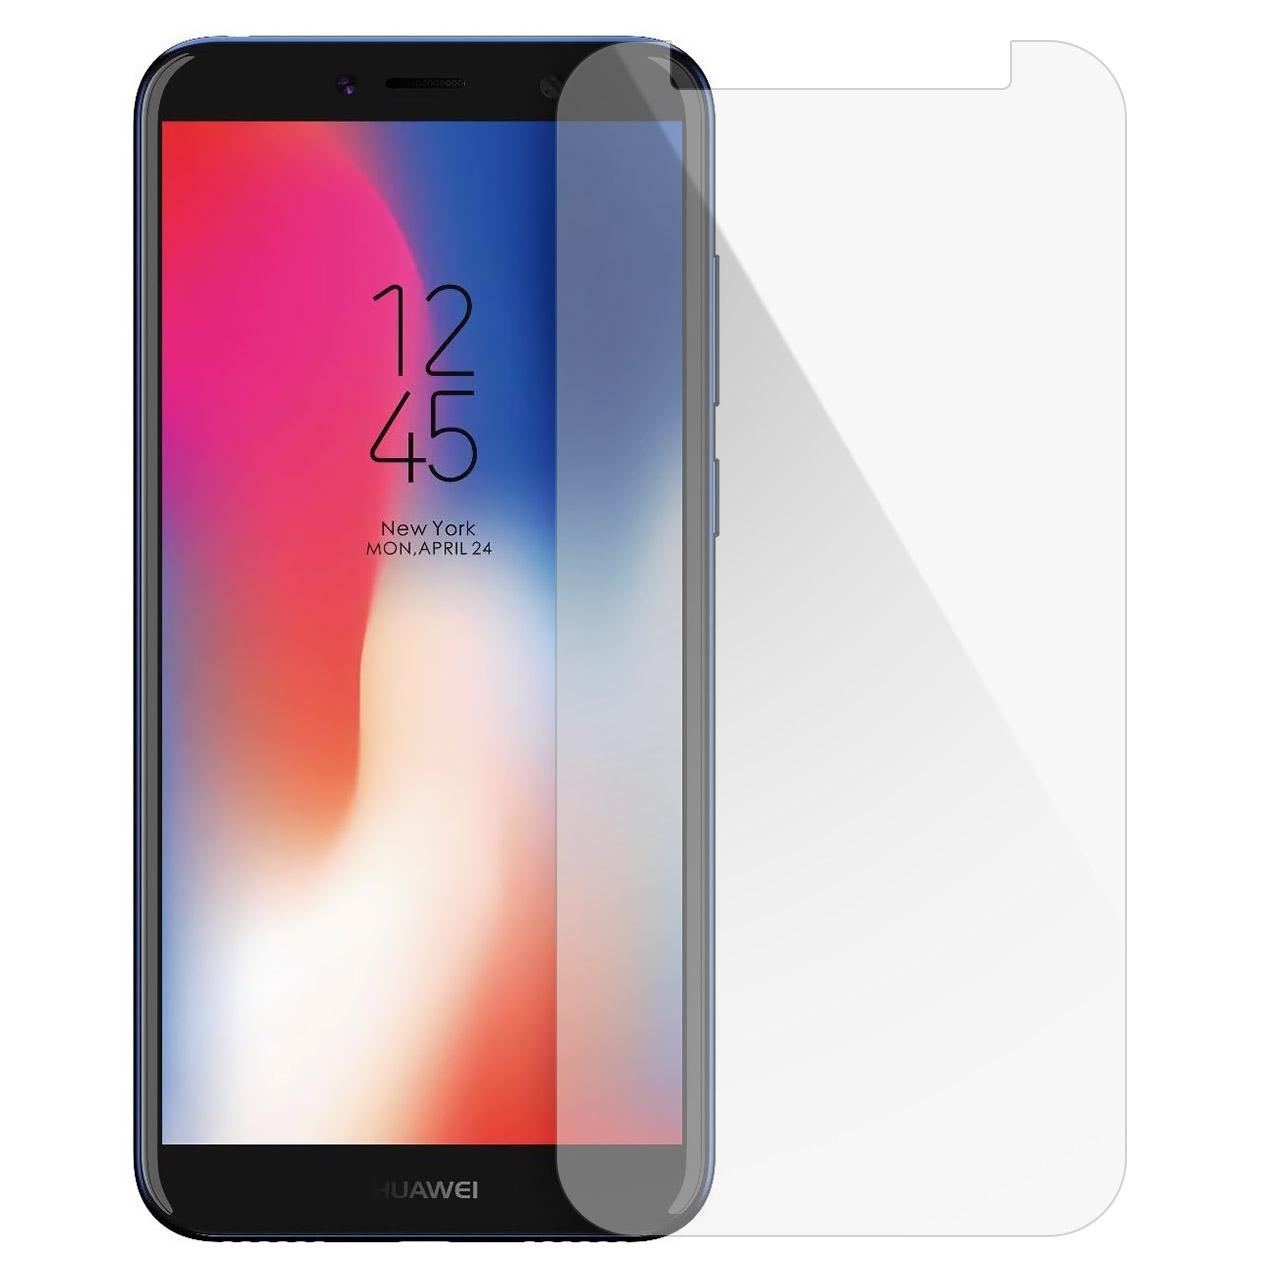 محافظ صفحه نمایش شیشه ای مدل Tempered مناسب برای گوشی موبایل هوآوی Y6 2018